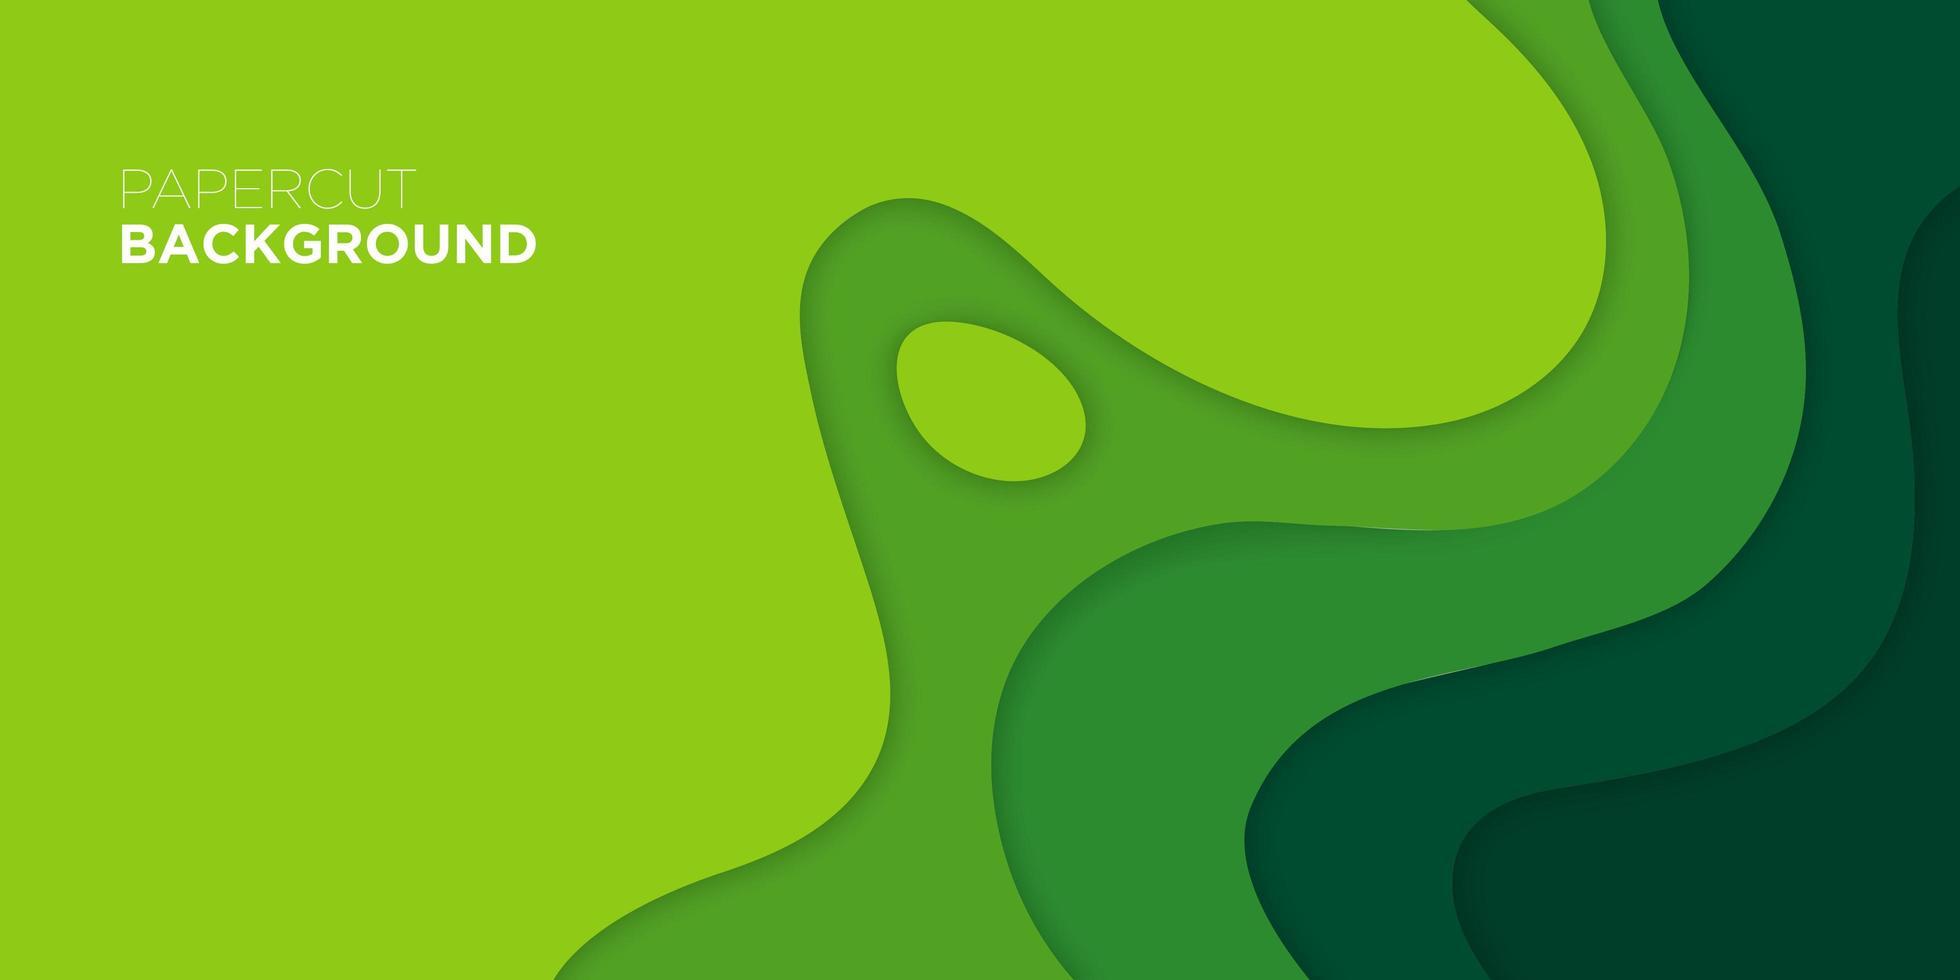 Wavy green paper cut poster vector